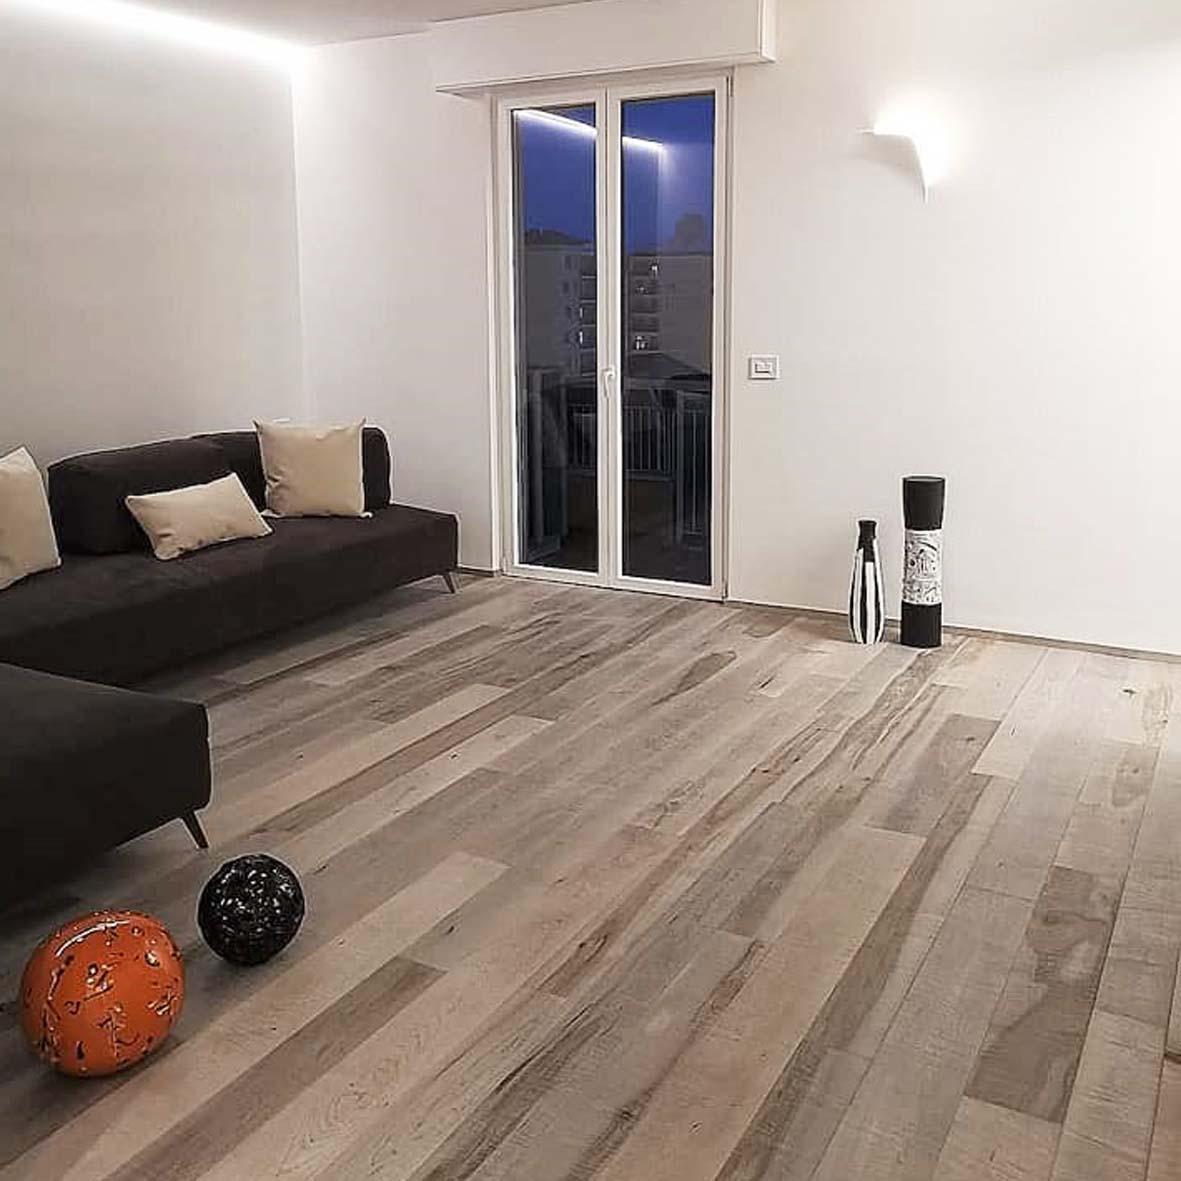 pavimento-parquet-centro dell'arredamento-fef interni-savona-f&f interni